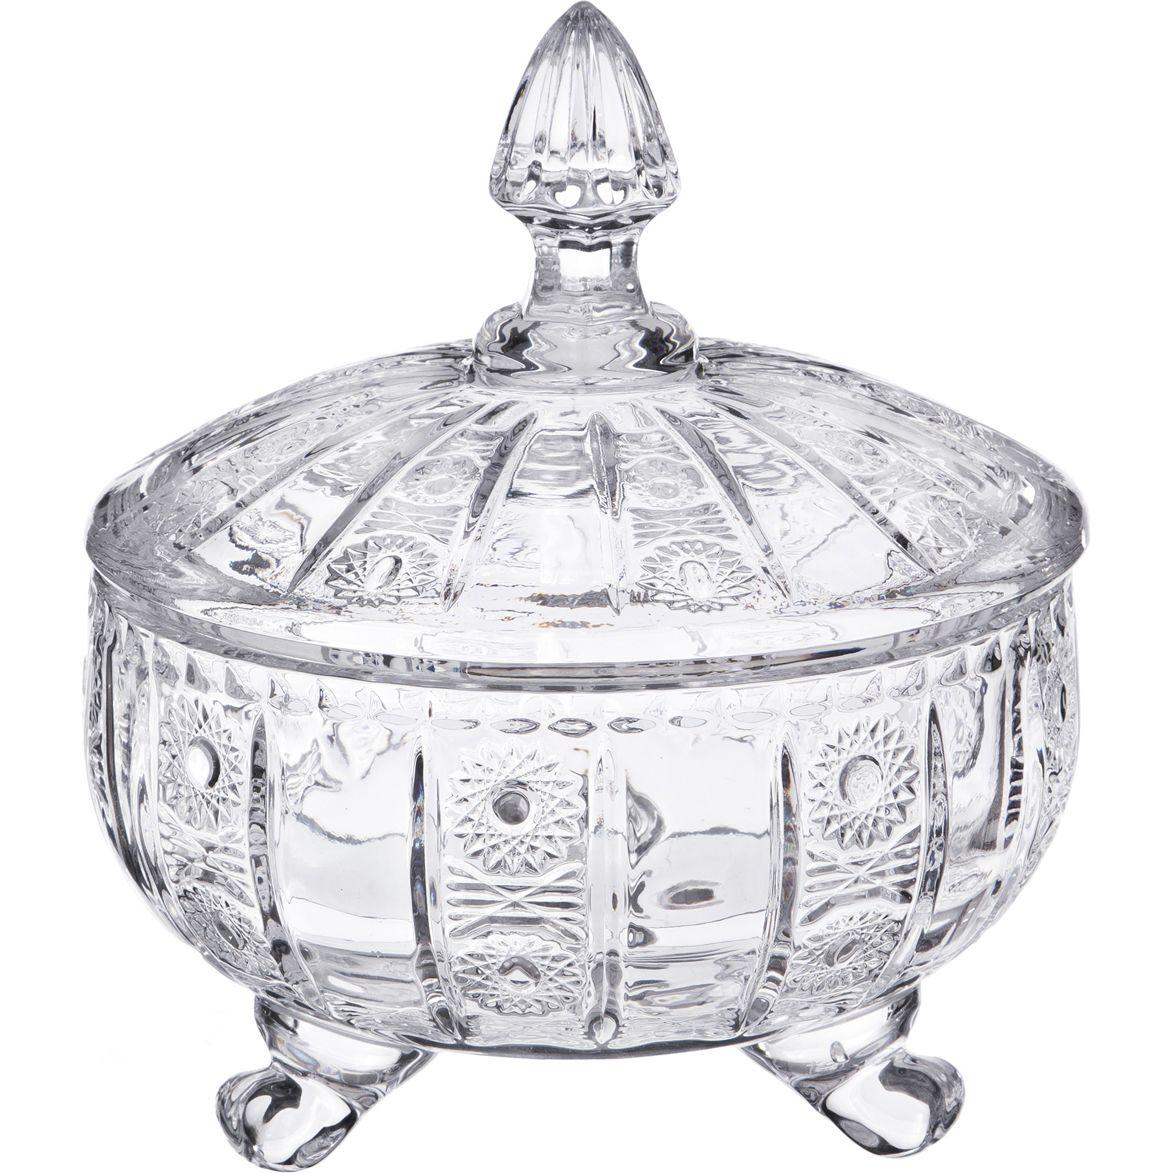 Вазы Lefard Конфетница Muza Crystal (17х21 см) конфетница lefard 257 240